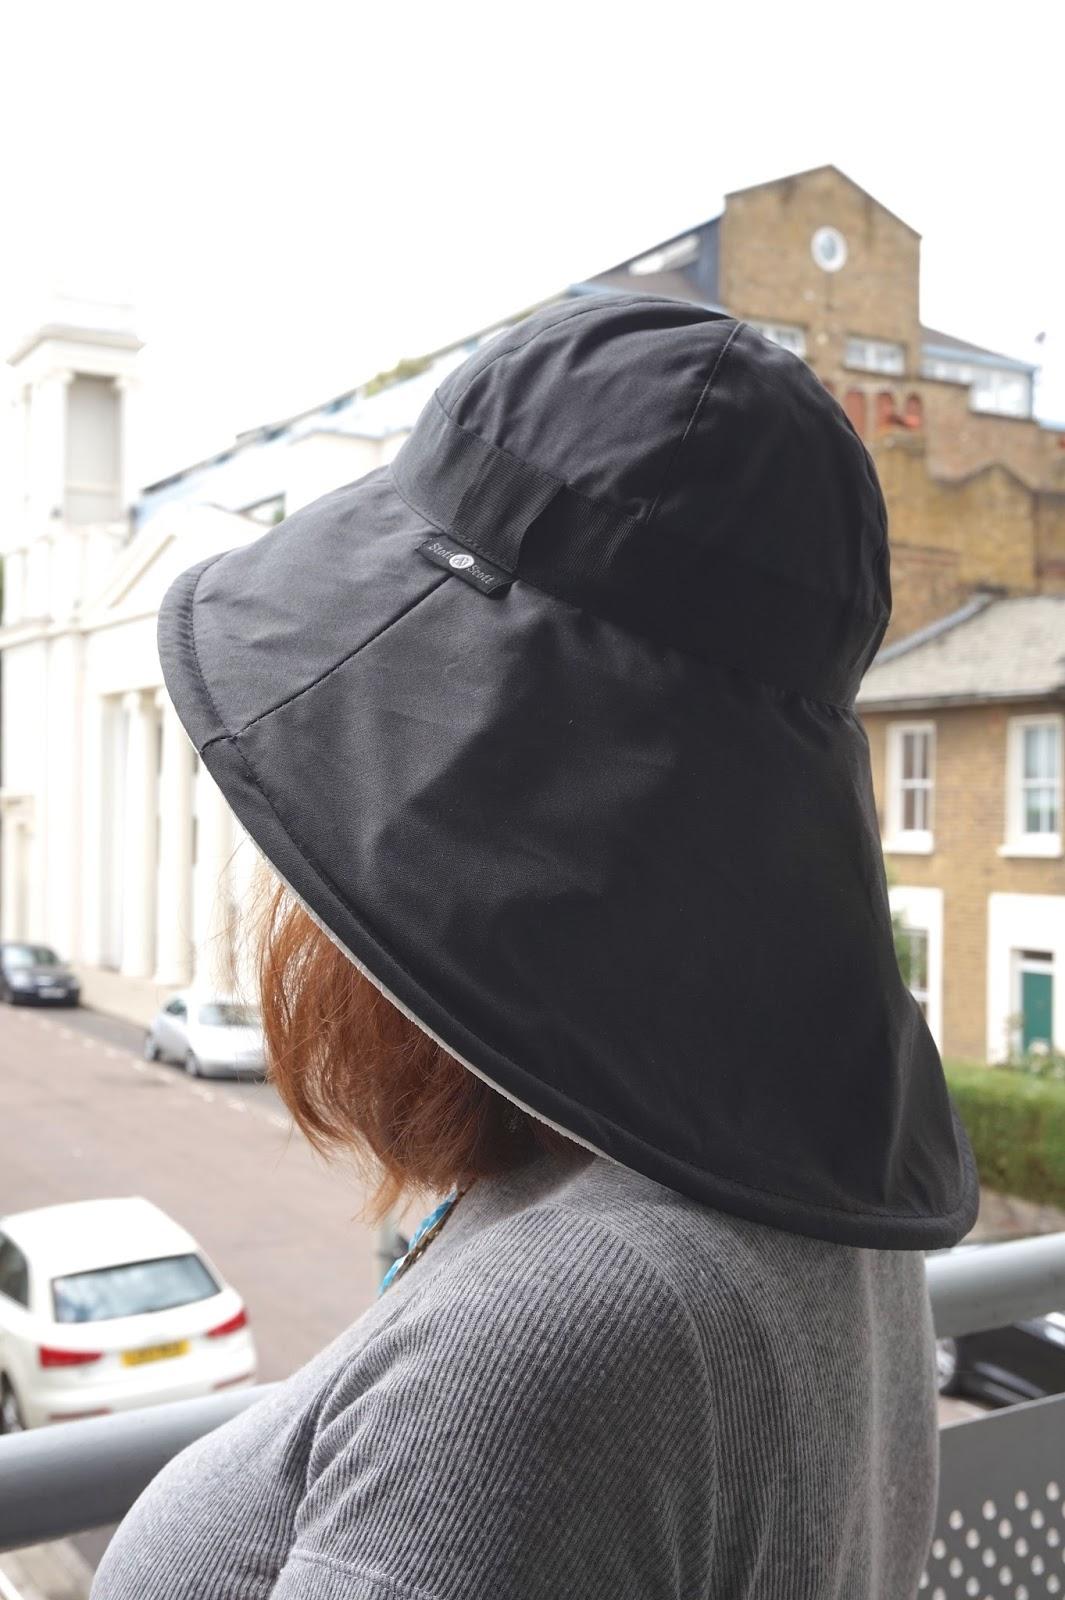 bec boop stott & scott wester hat